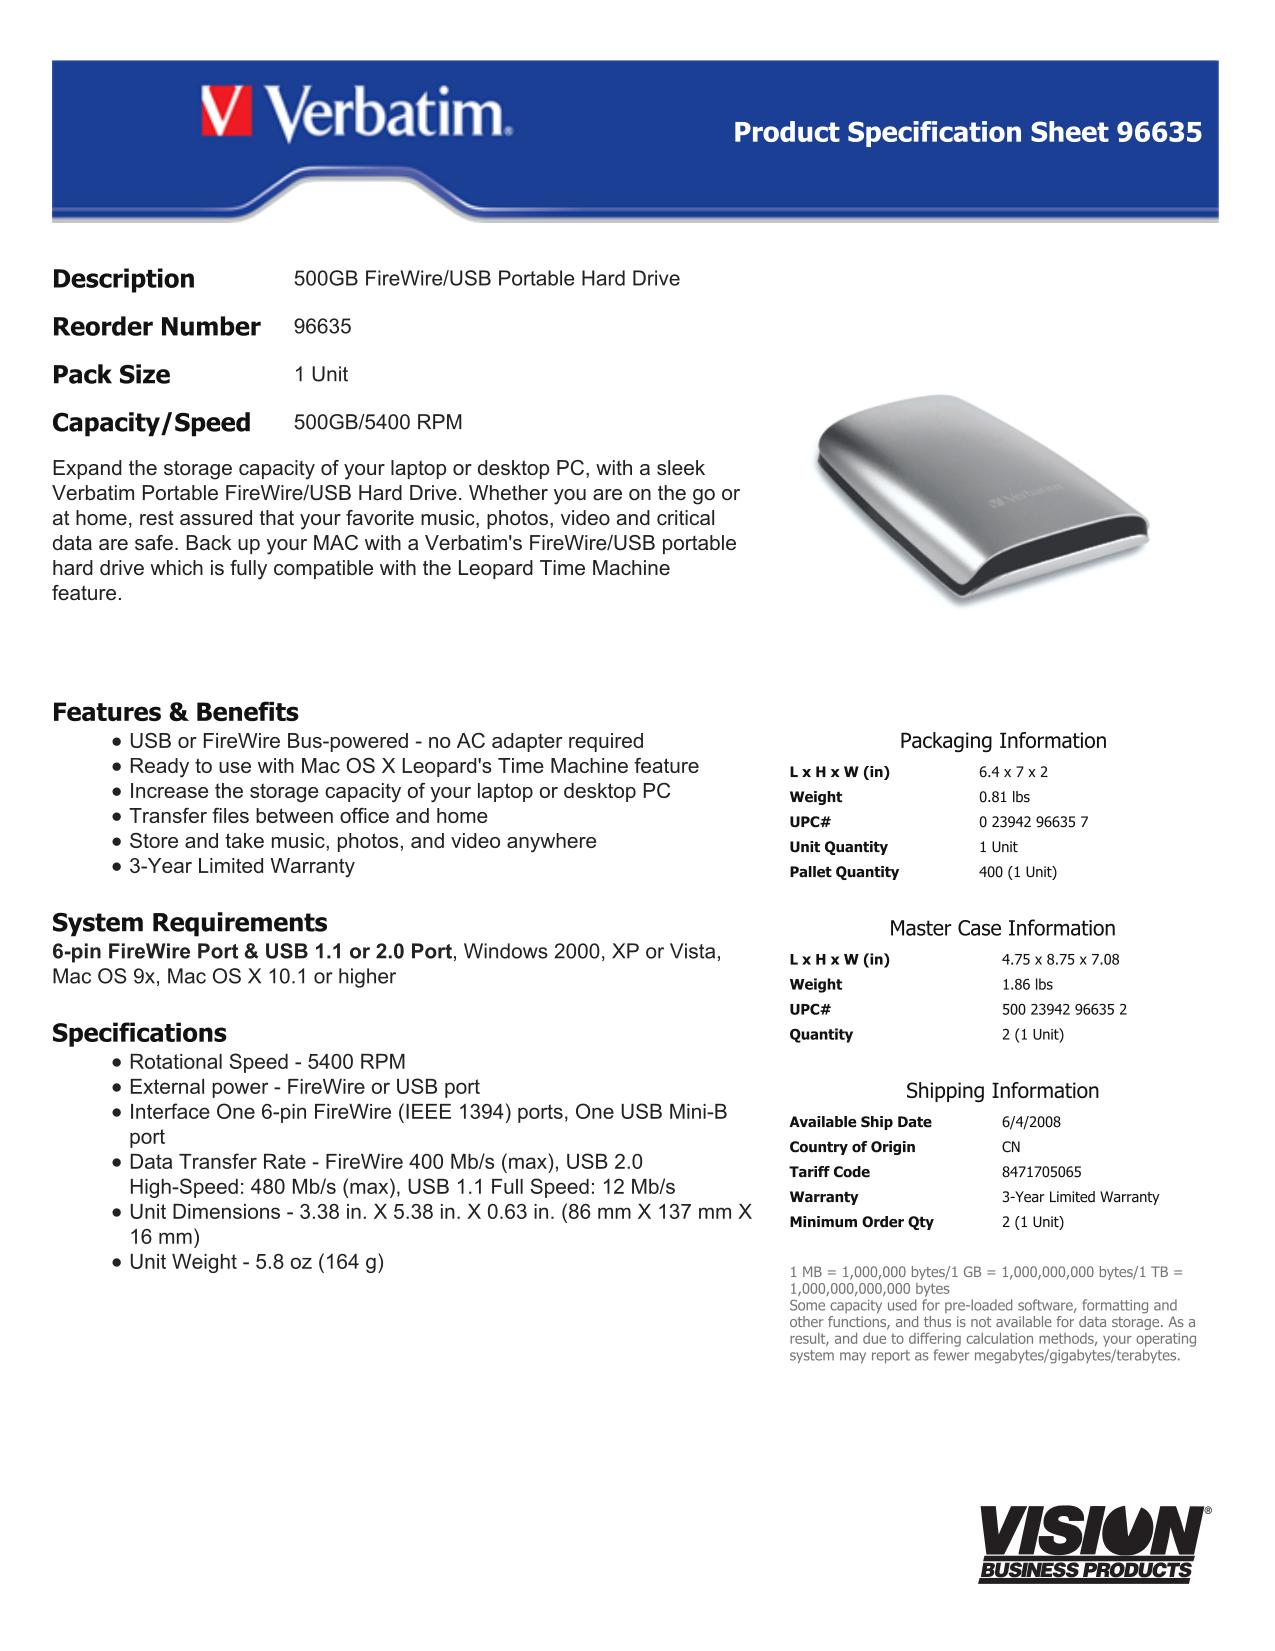 pdf for Verbatim Storage 96635 manual